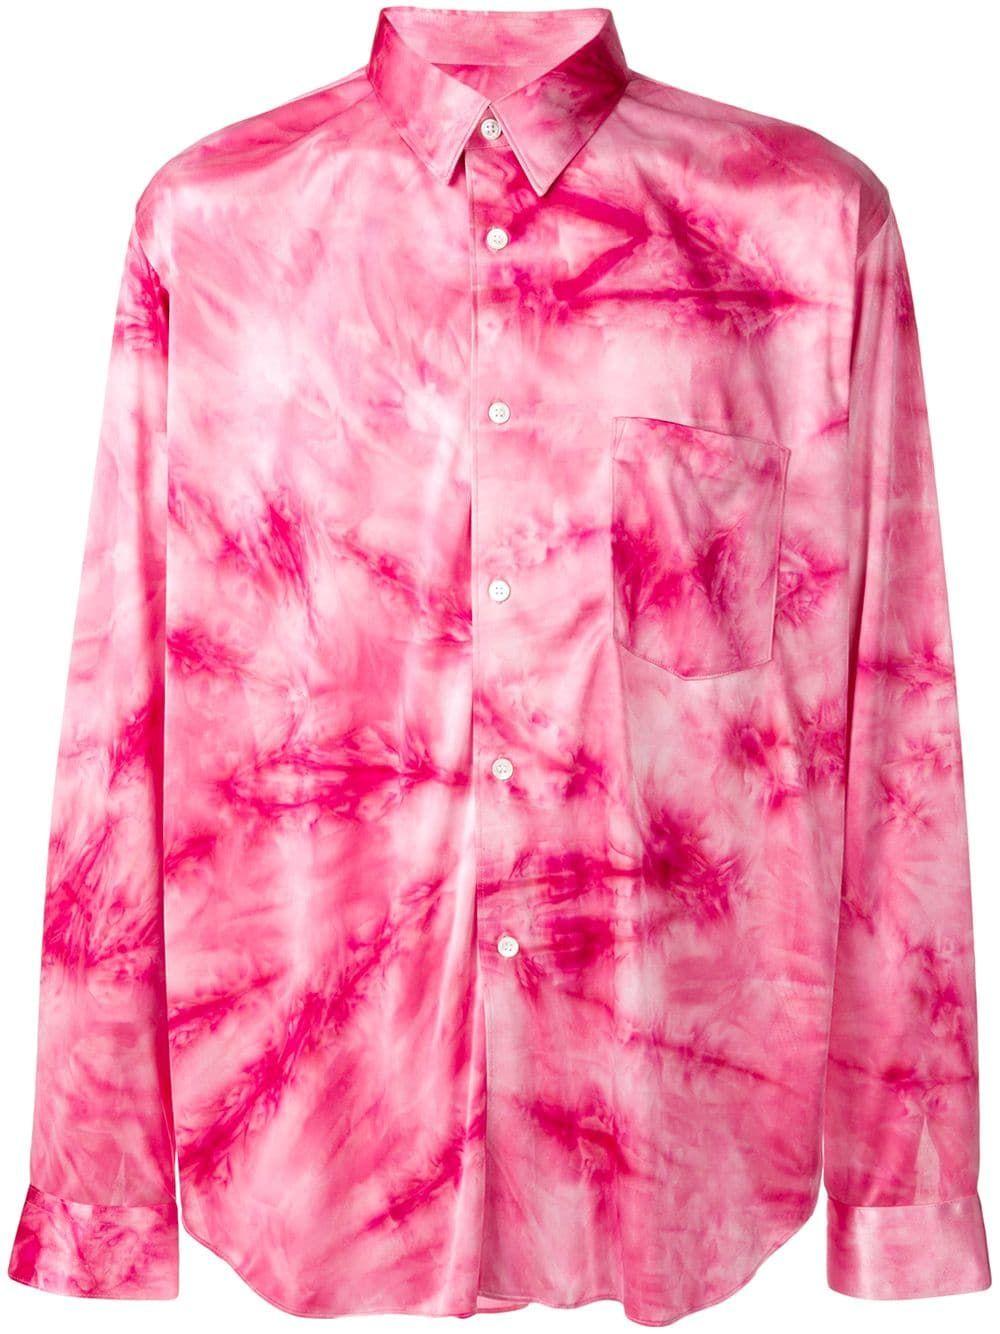 1de003904fa COMME DES GARÇONS HOMME DEUX COMME DES GARÇONS HOMME PLUS TIE-DYE SHIRT -  PINK. #commedesgarçonshommedeux #cloth